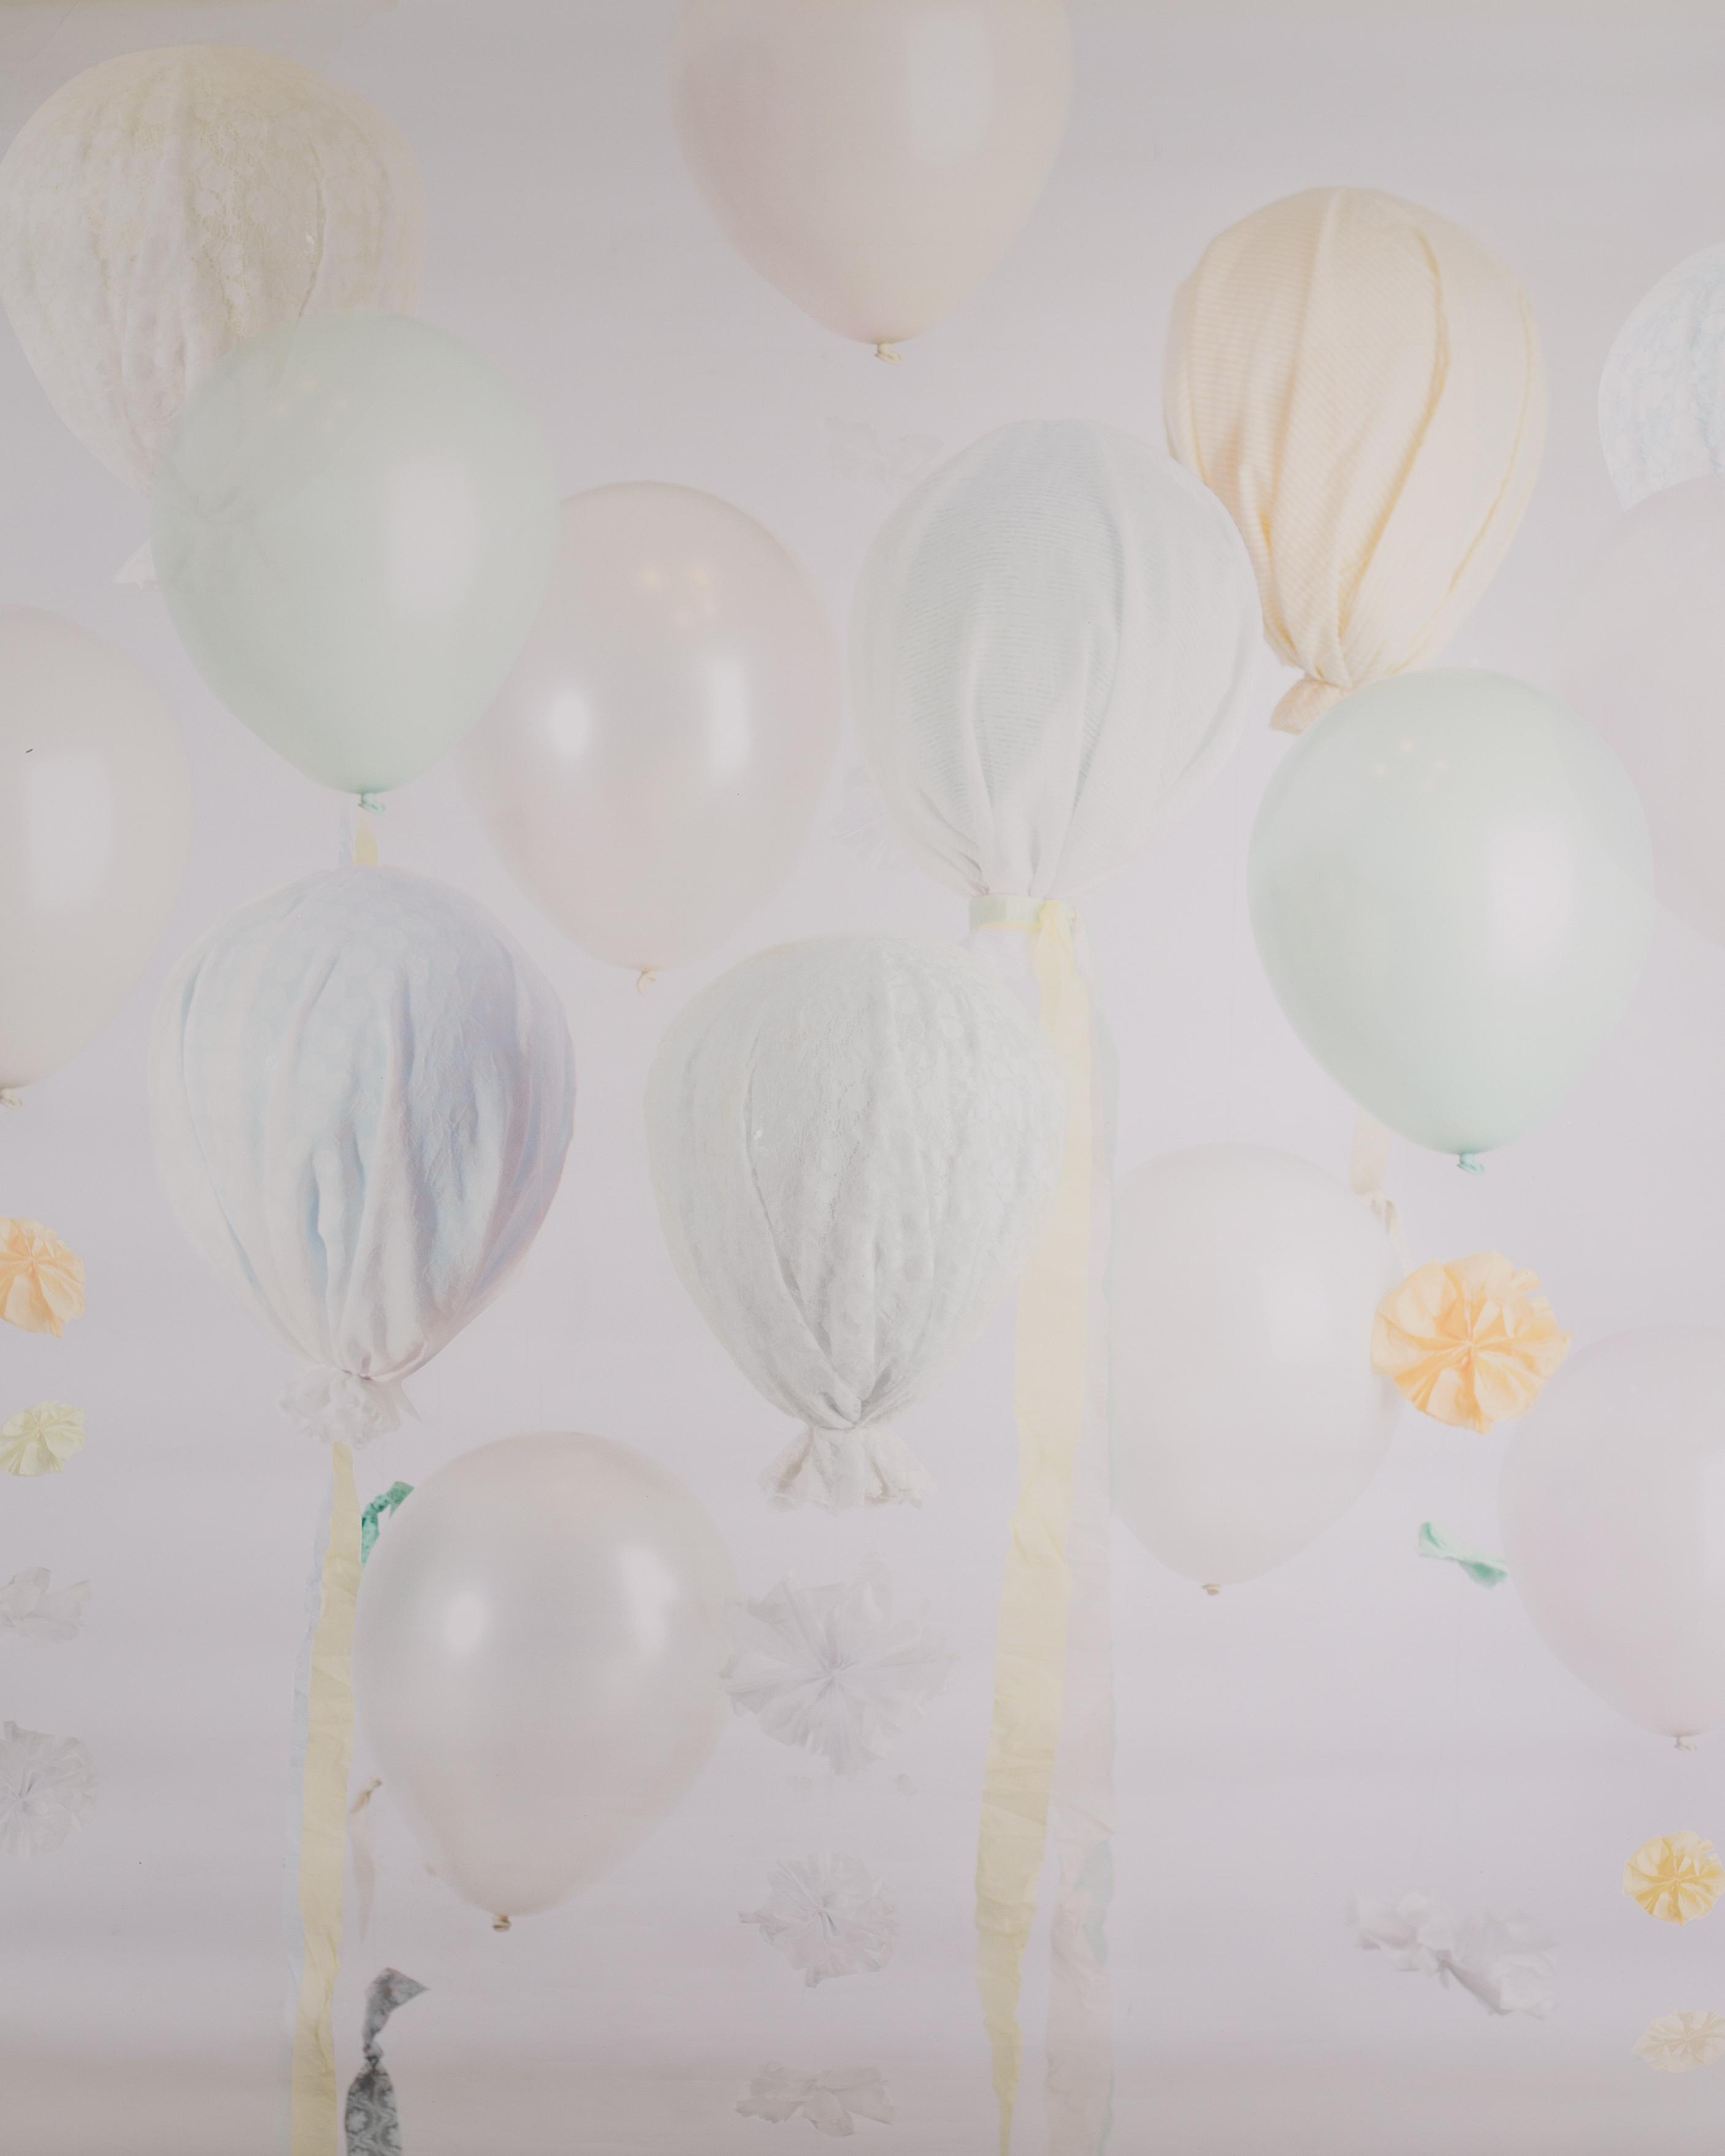 B-5 Pastel Hanging Balloons